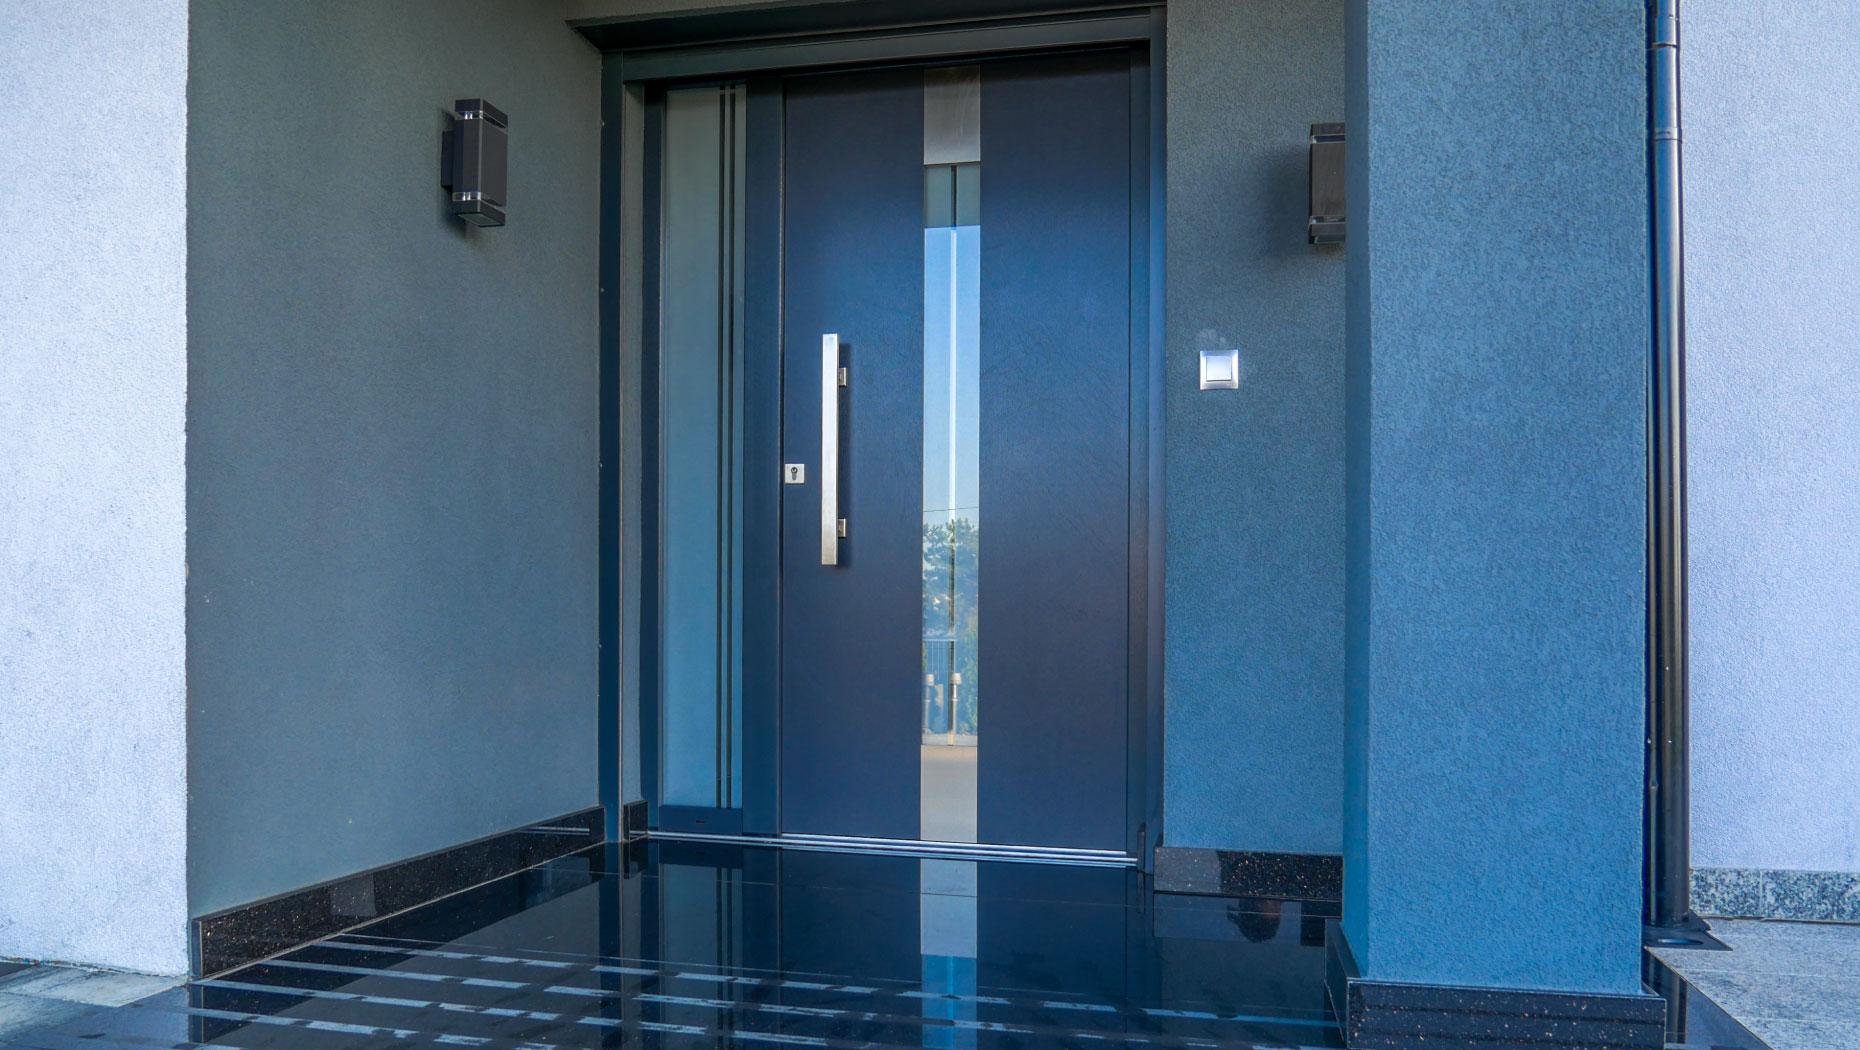 drzwi-do-nowego-domu-molitor-5-(1-of-1)